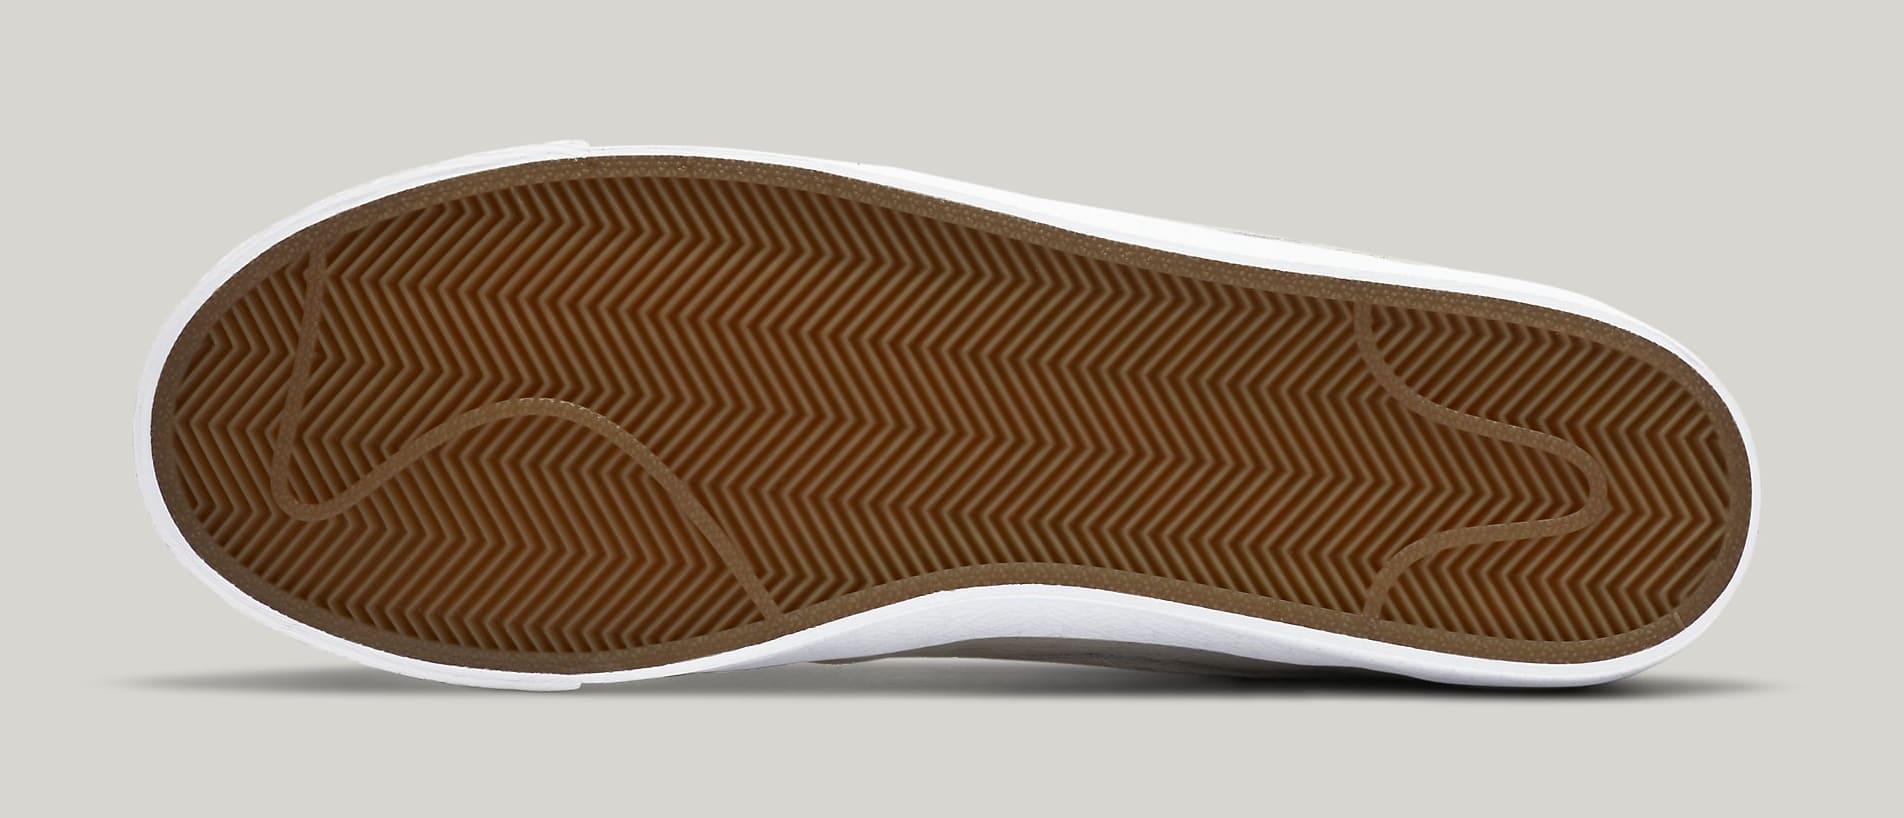 Medicom x Nike SB Blazer Low CZ4620-200 Outsole